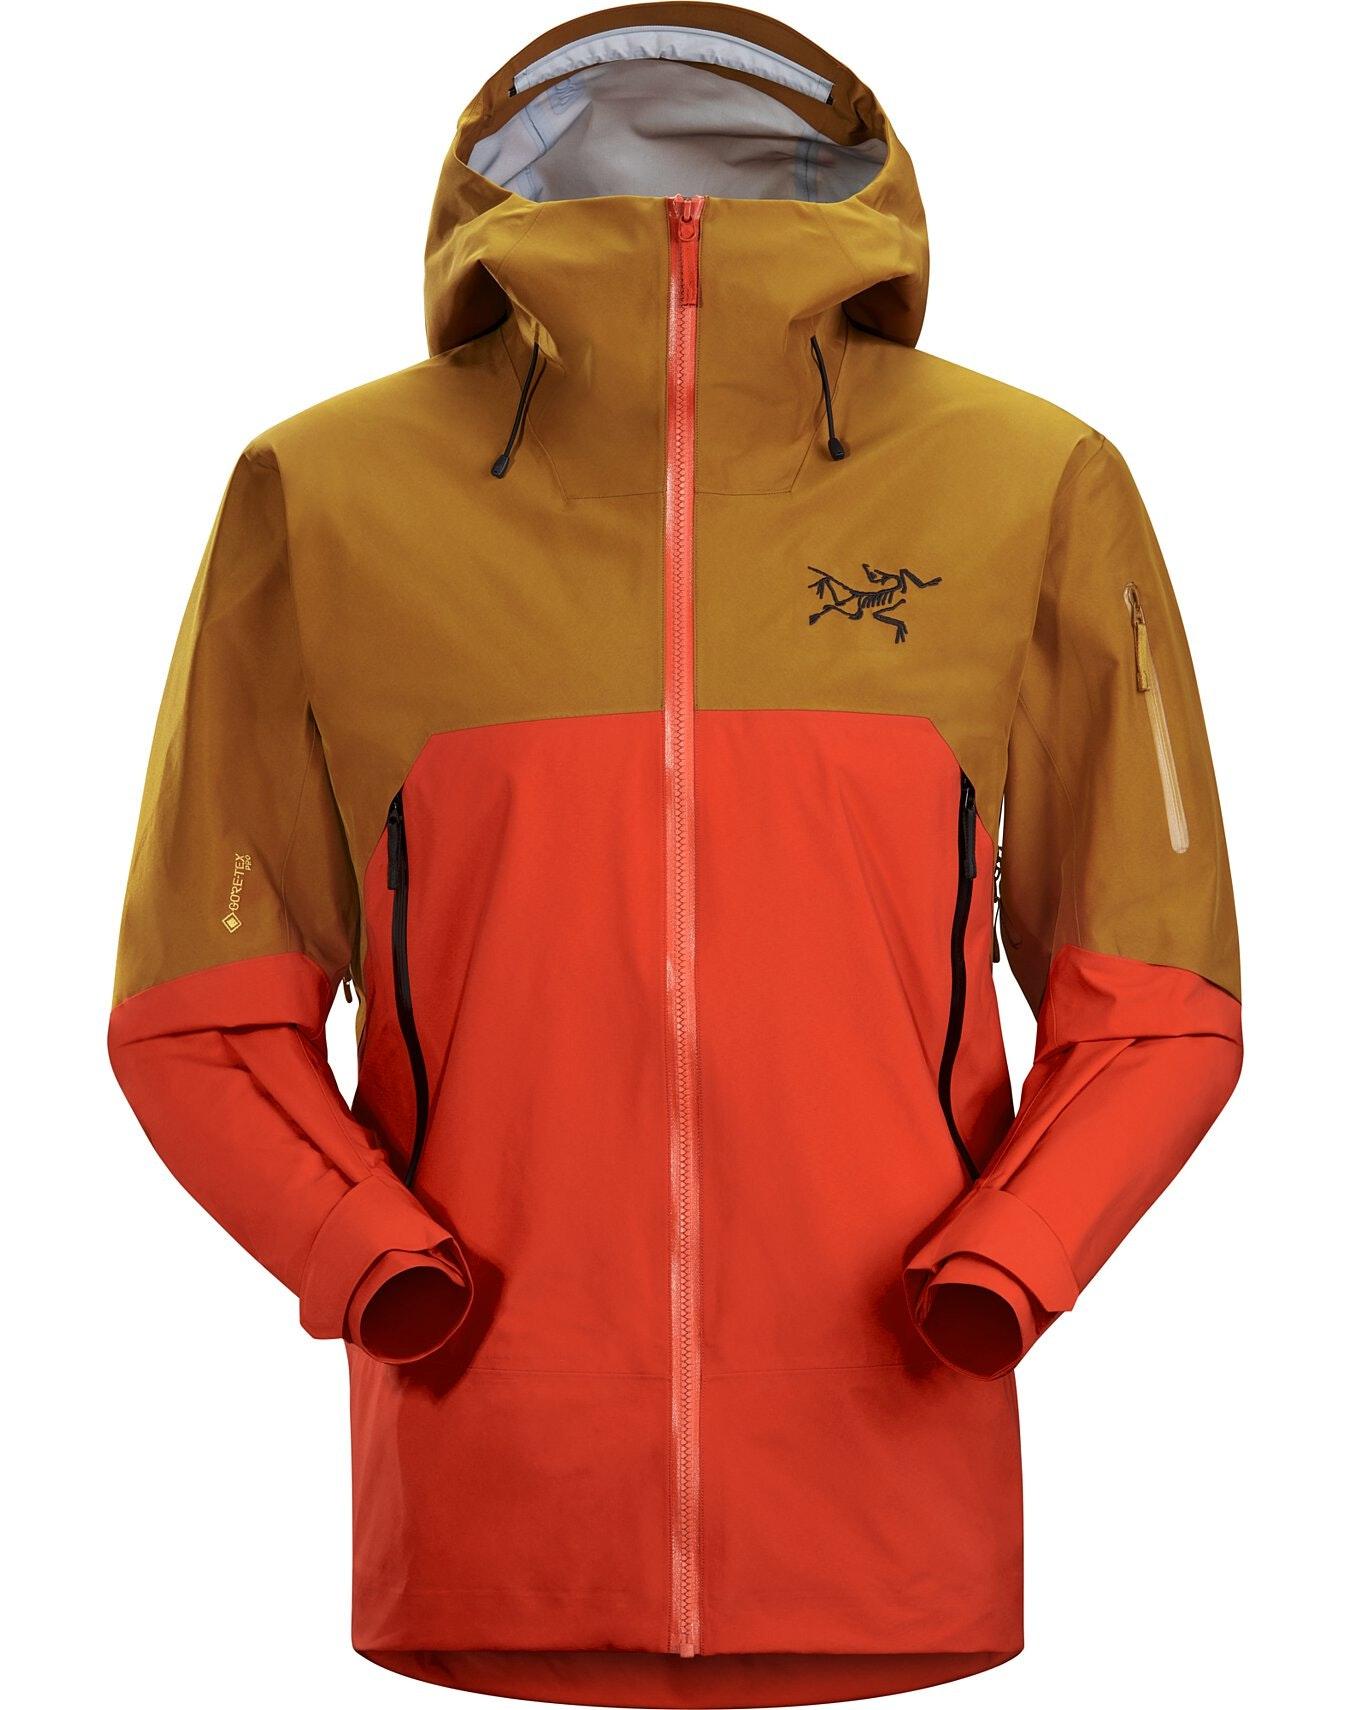 Rush Jacket Phoenix